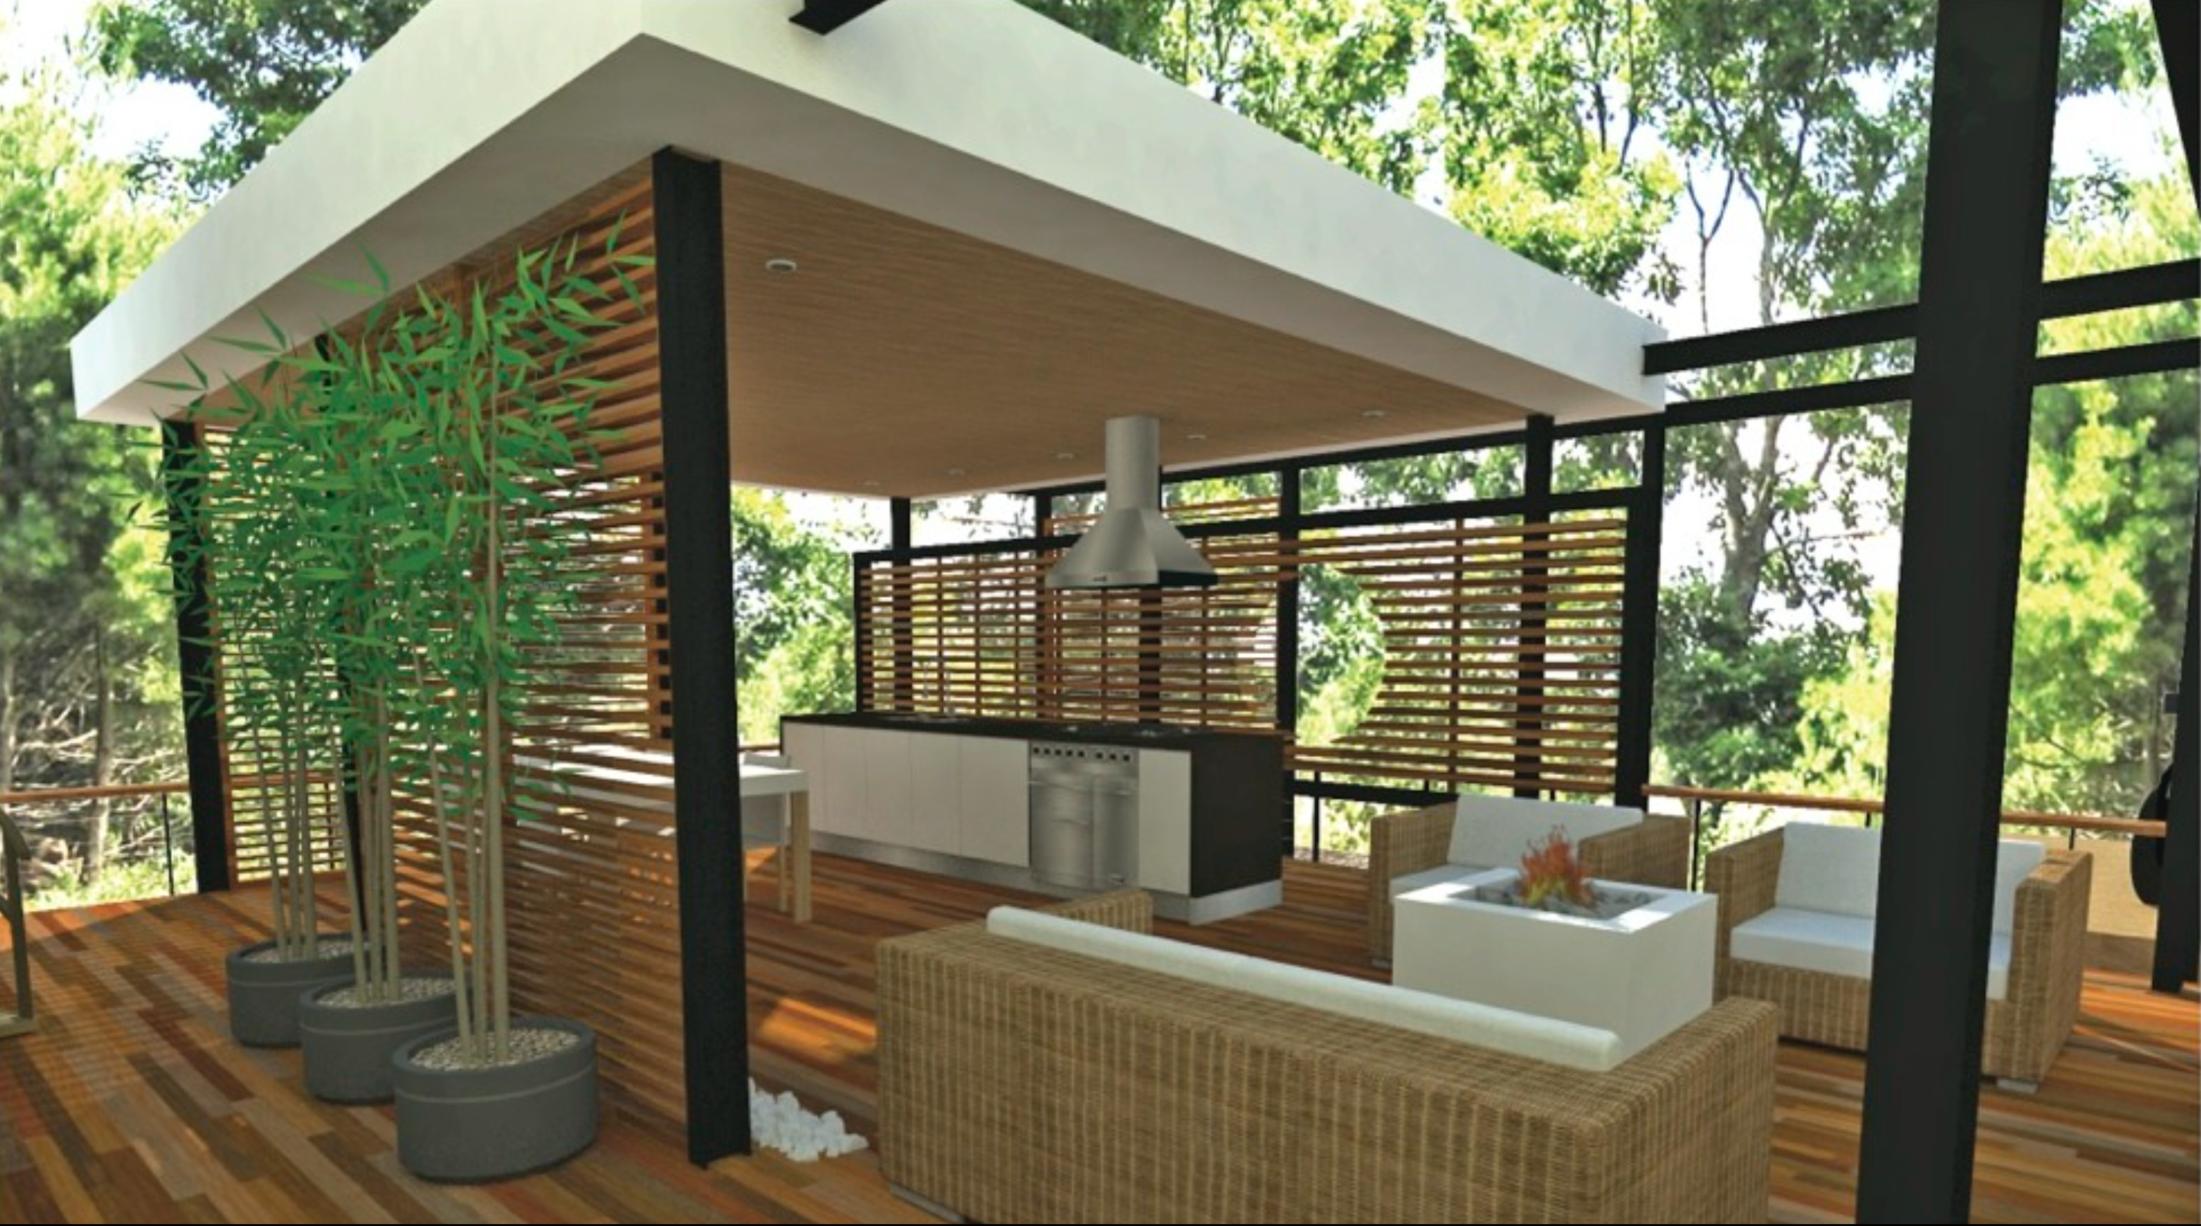 3D Design of Outside Room